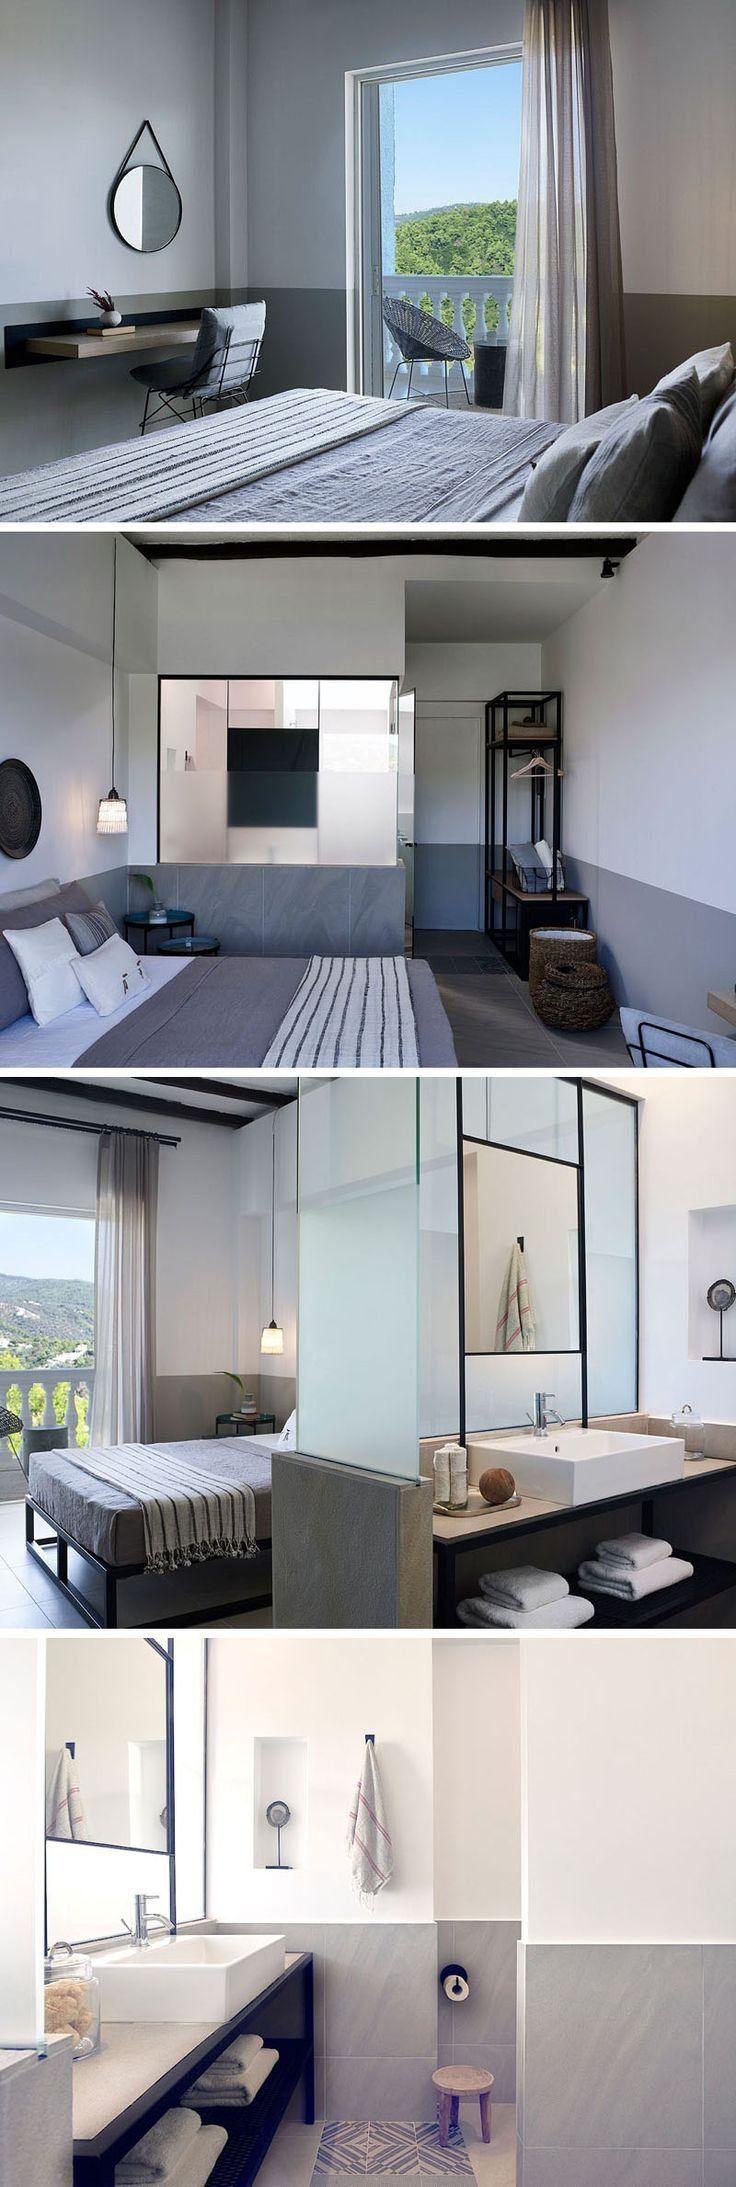 photo hotel room shower enclosures with kl megla h…